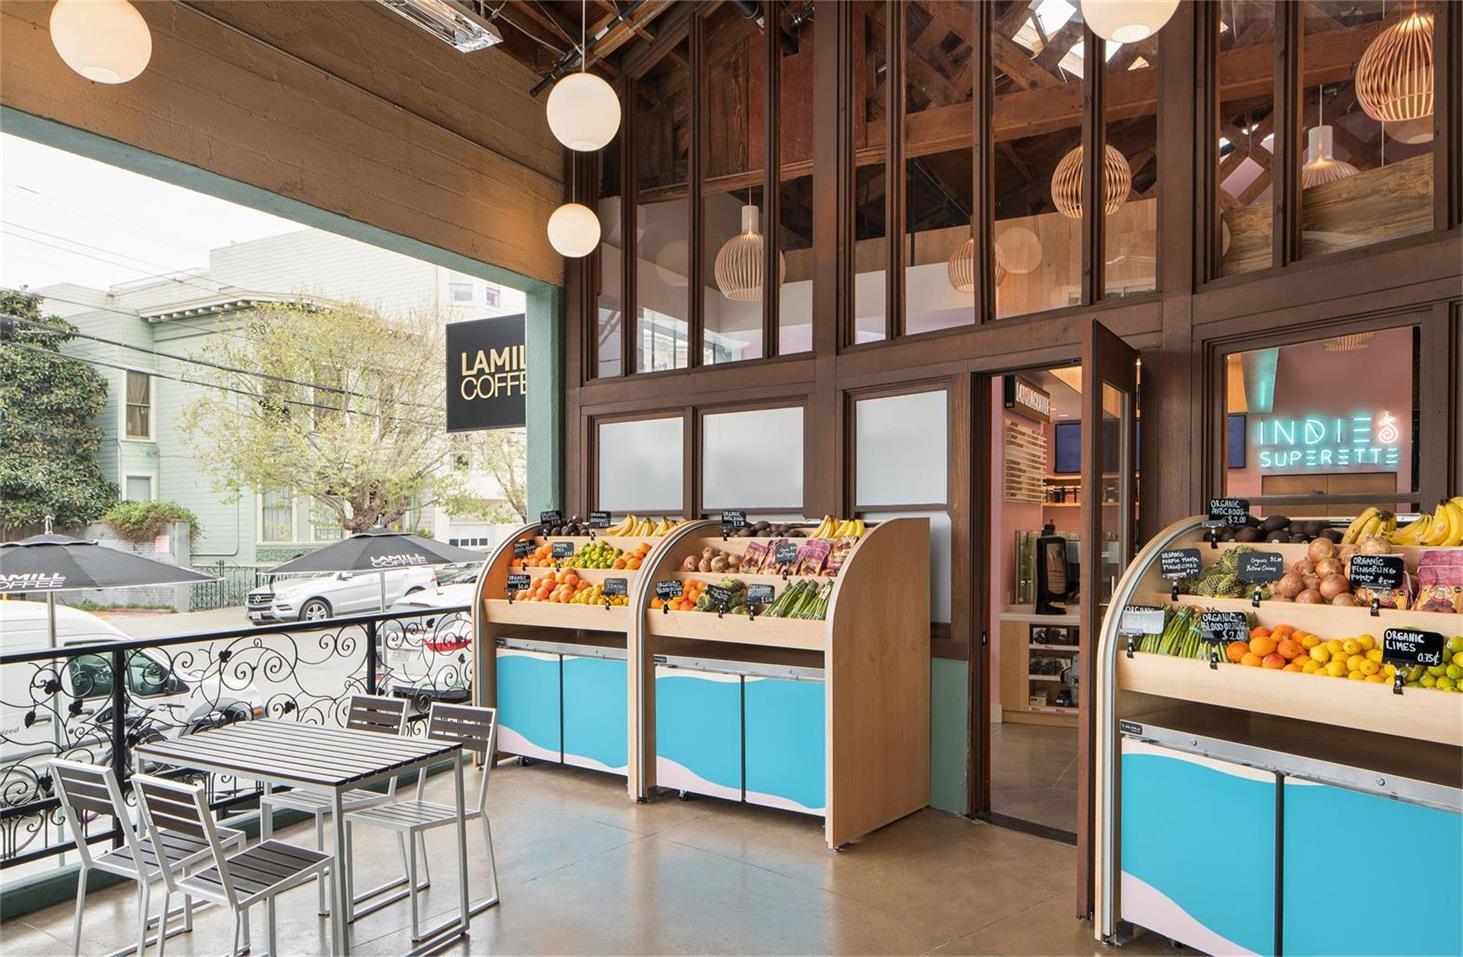 便利店设计,商店设计,小型超市设计,小型卖场设计,小卖部设计,零售店设计,店铺设计,便利店设计图片,便利店设计方案,商业空间设计